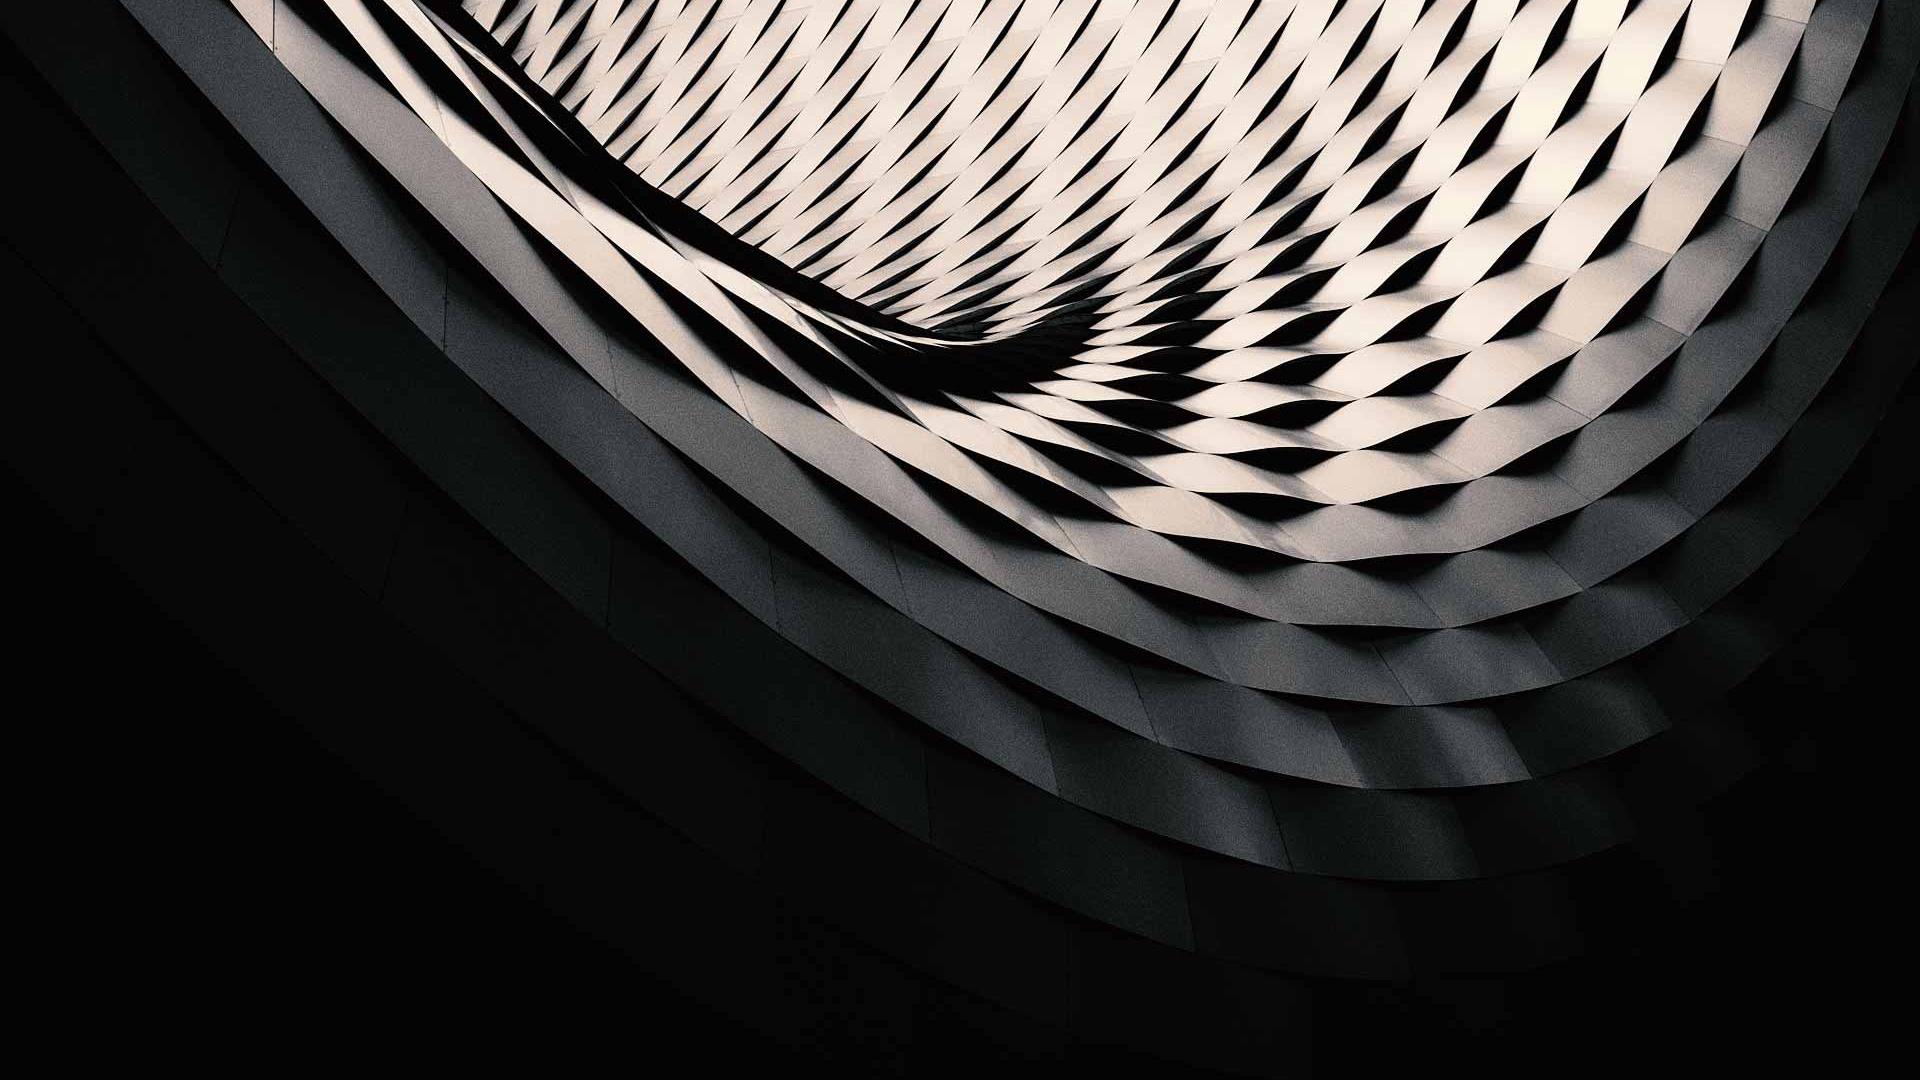 Atelier Beinert | Berlin : Design Studio für Grafikdesign und Typografie · Kadiner Straße 20 A · 10243 Berlin · Deutschland · Telefon 03028875890 · sekretariat@wolfgang-beinert.de